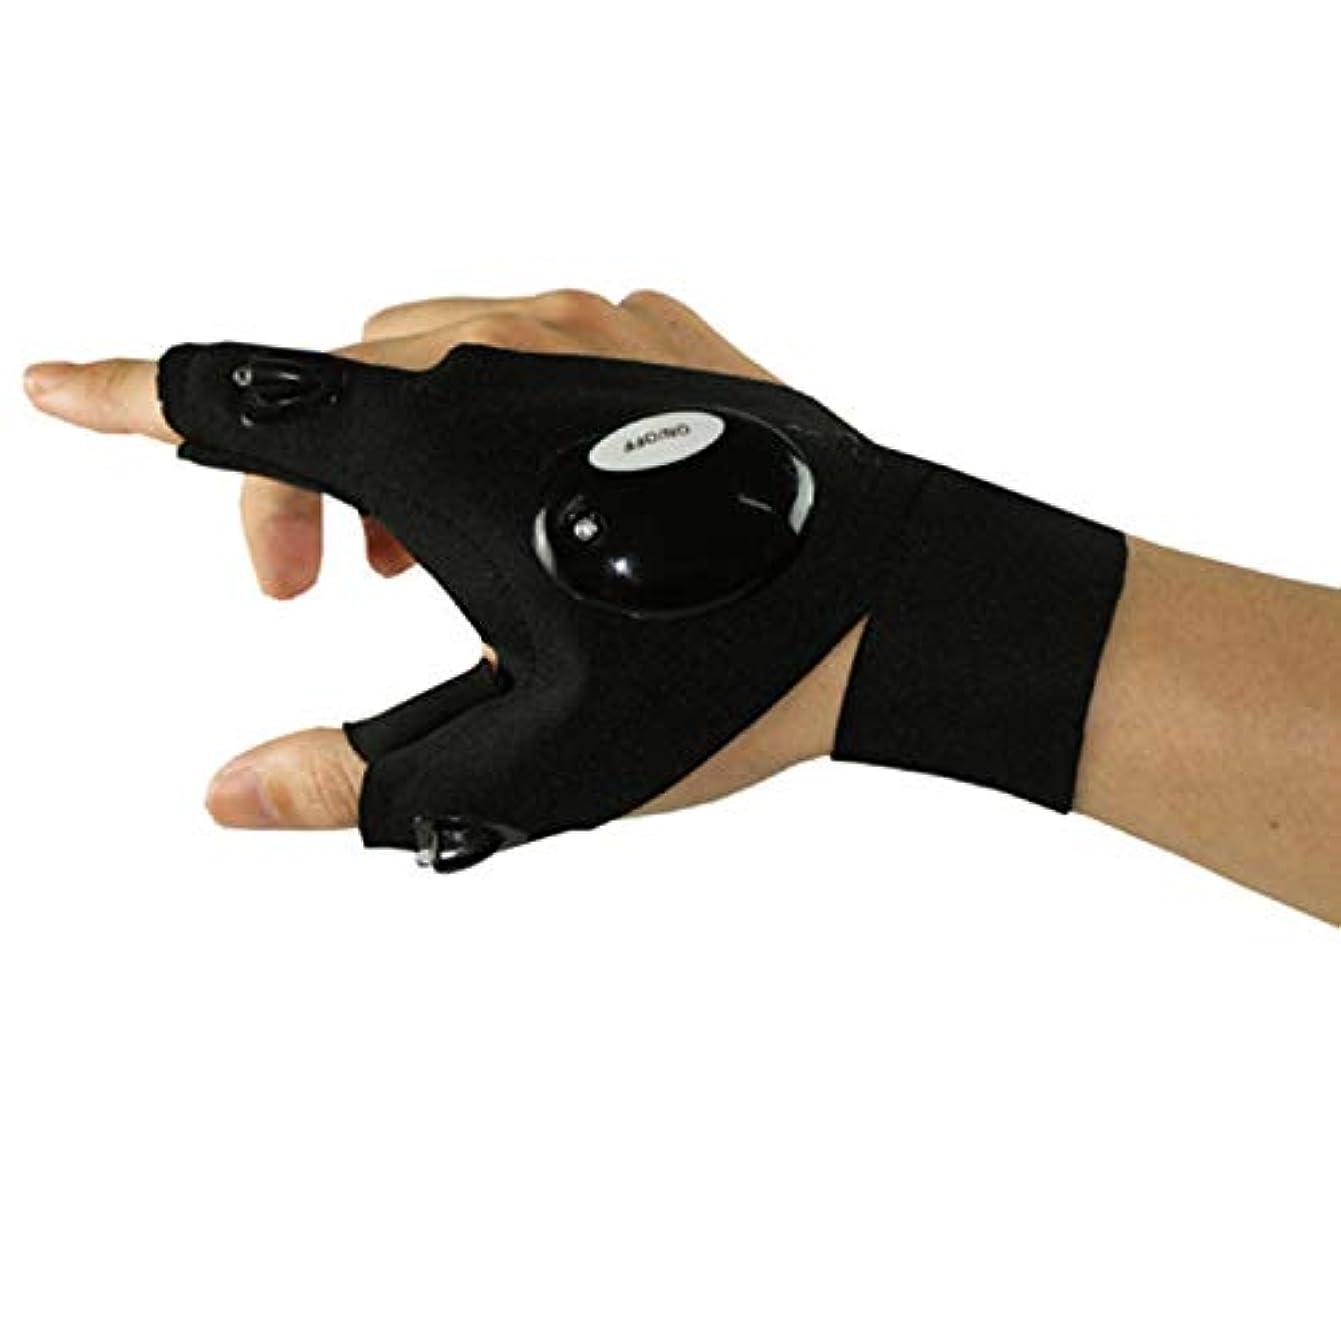 彫刻家冗談で記述するBAJIMI 手袋 グローブ レディース/メンズ ハンド ケア 実用的なアウトドアスポーツLEDグローブランニング固定スポットライト修理ランプ懐中電灯 裏起毛 おしゃれ 手触りが良い 運転 耐磨耗性 換気性